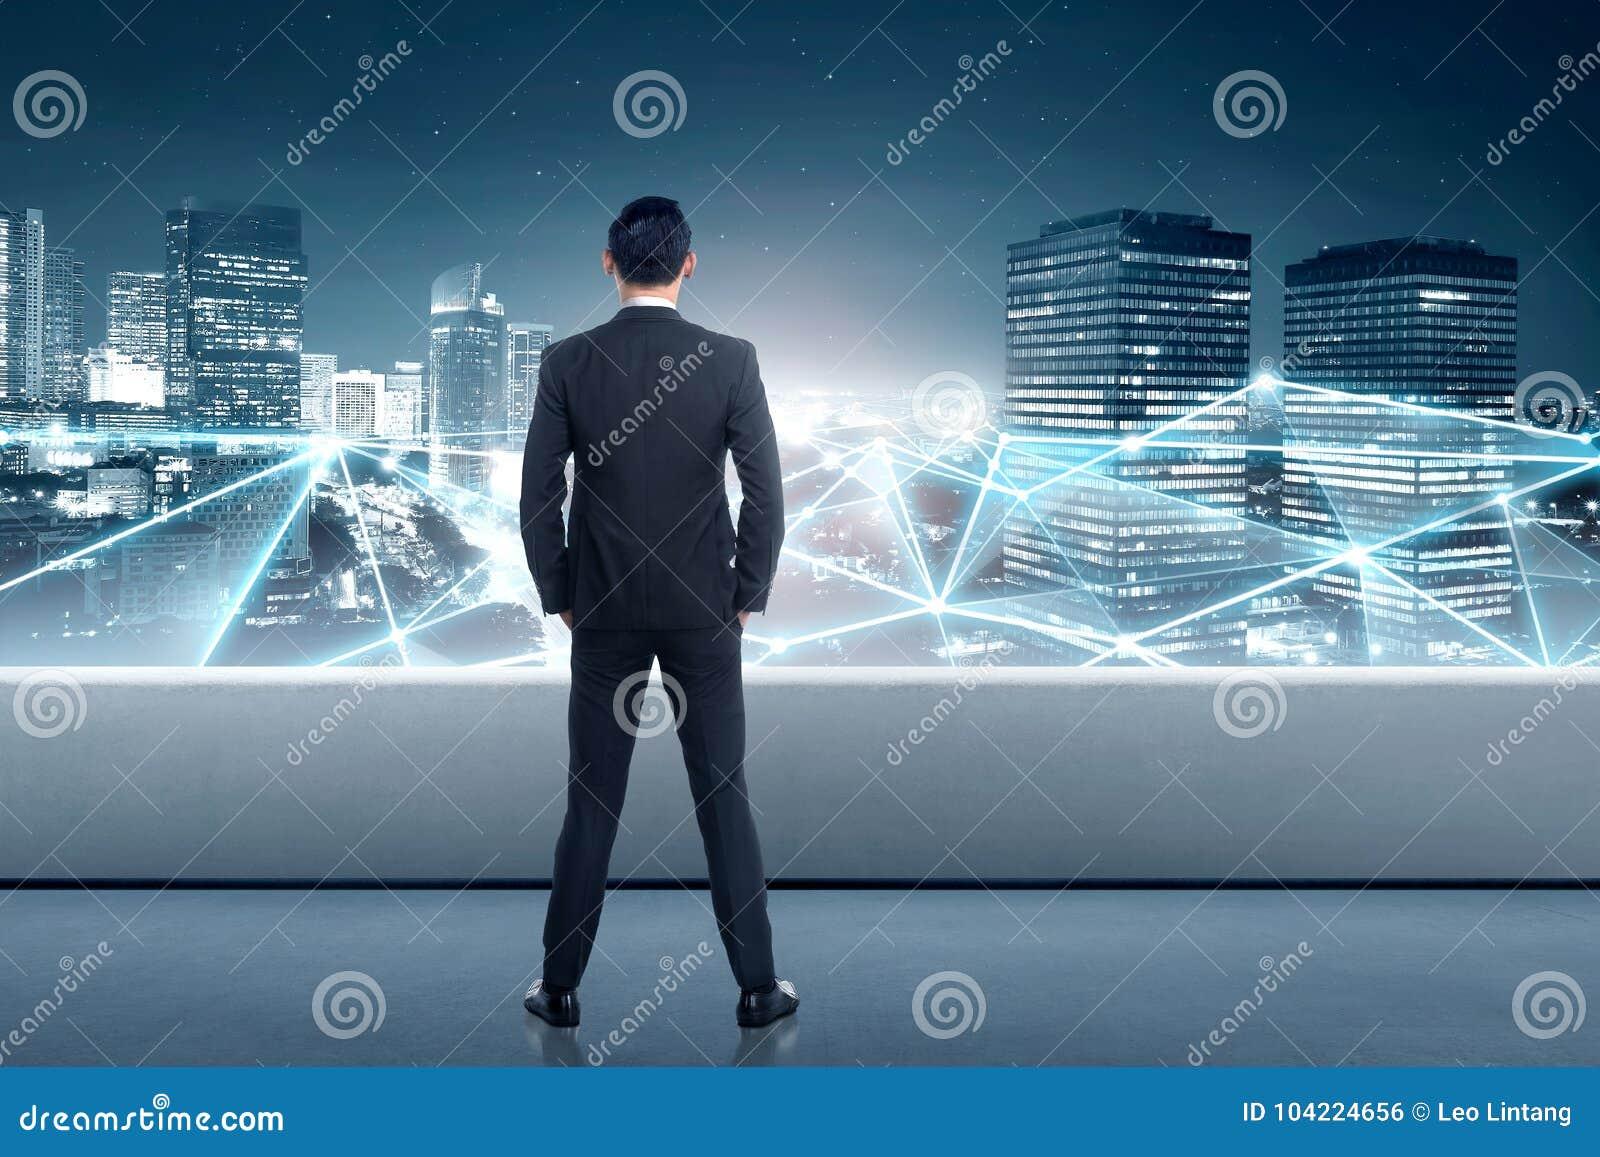 看网络连接的亚洲商人背面图